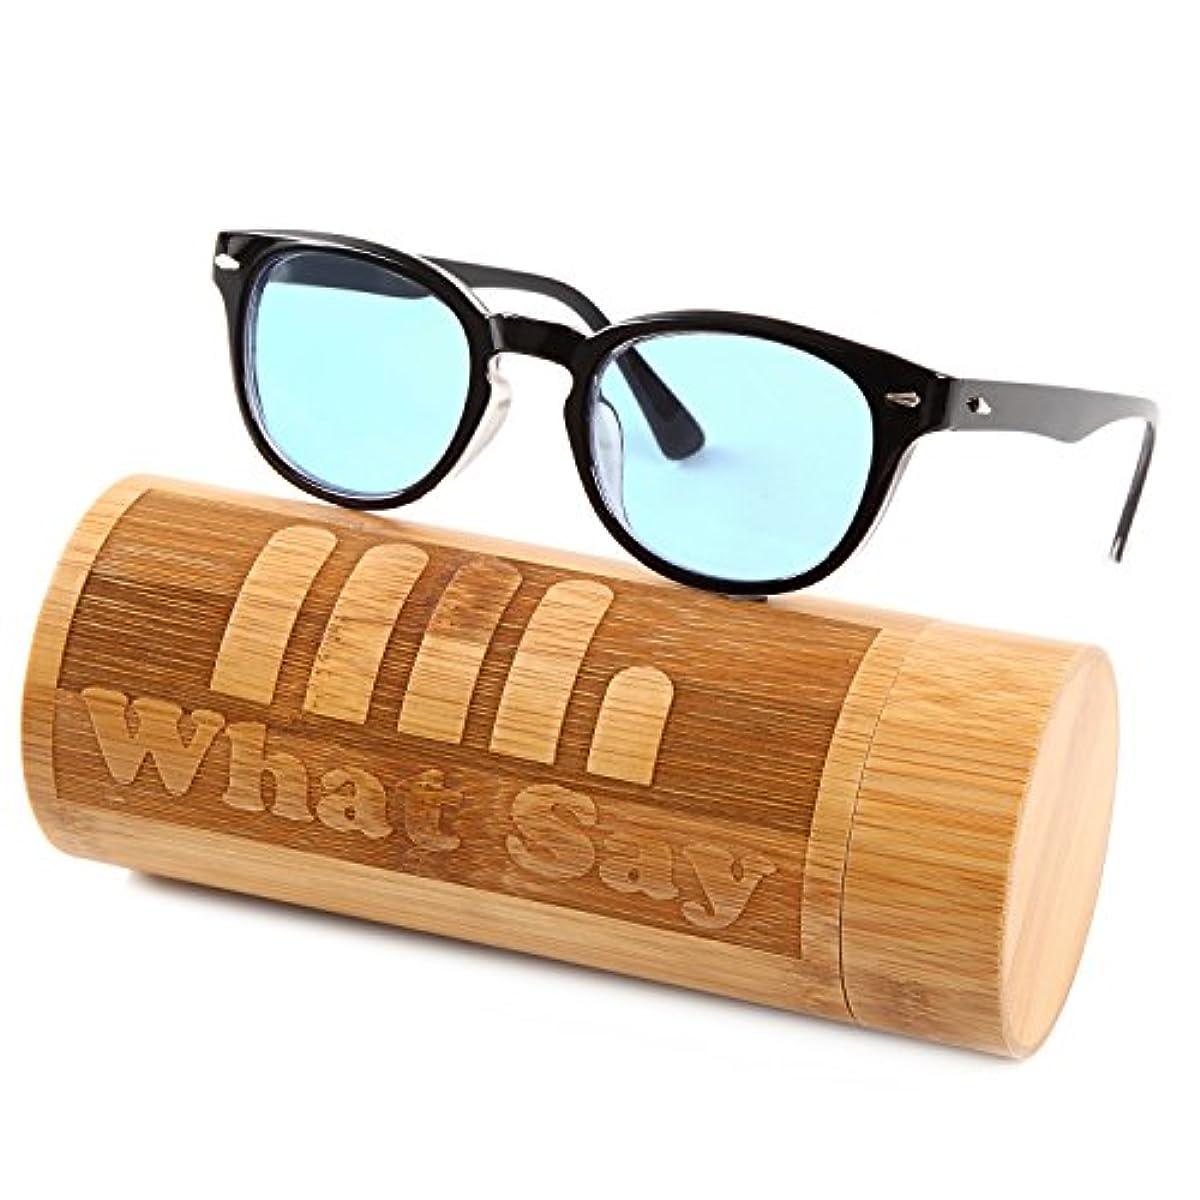 [해외] WHAT SAY 웰링톤 프레임 컬러 렌즈 썬글라스 클리어 렌즈 다테 안경 전11색 아시안 피트 트렌드 UV400 맨즈 레이디스 소프트&하드 케이스 첨부부